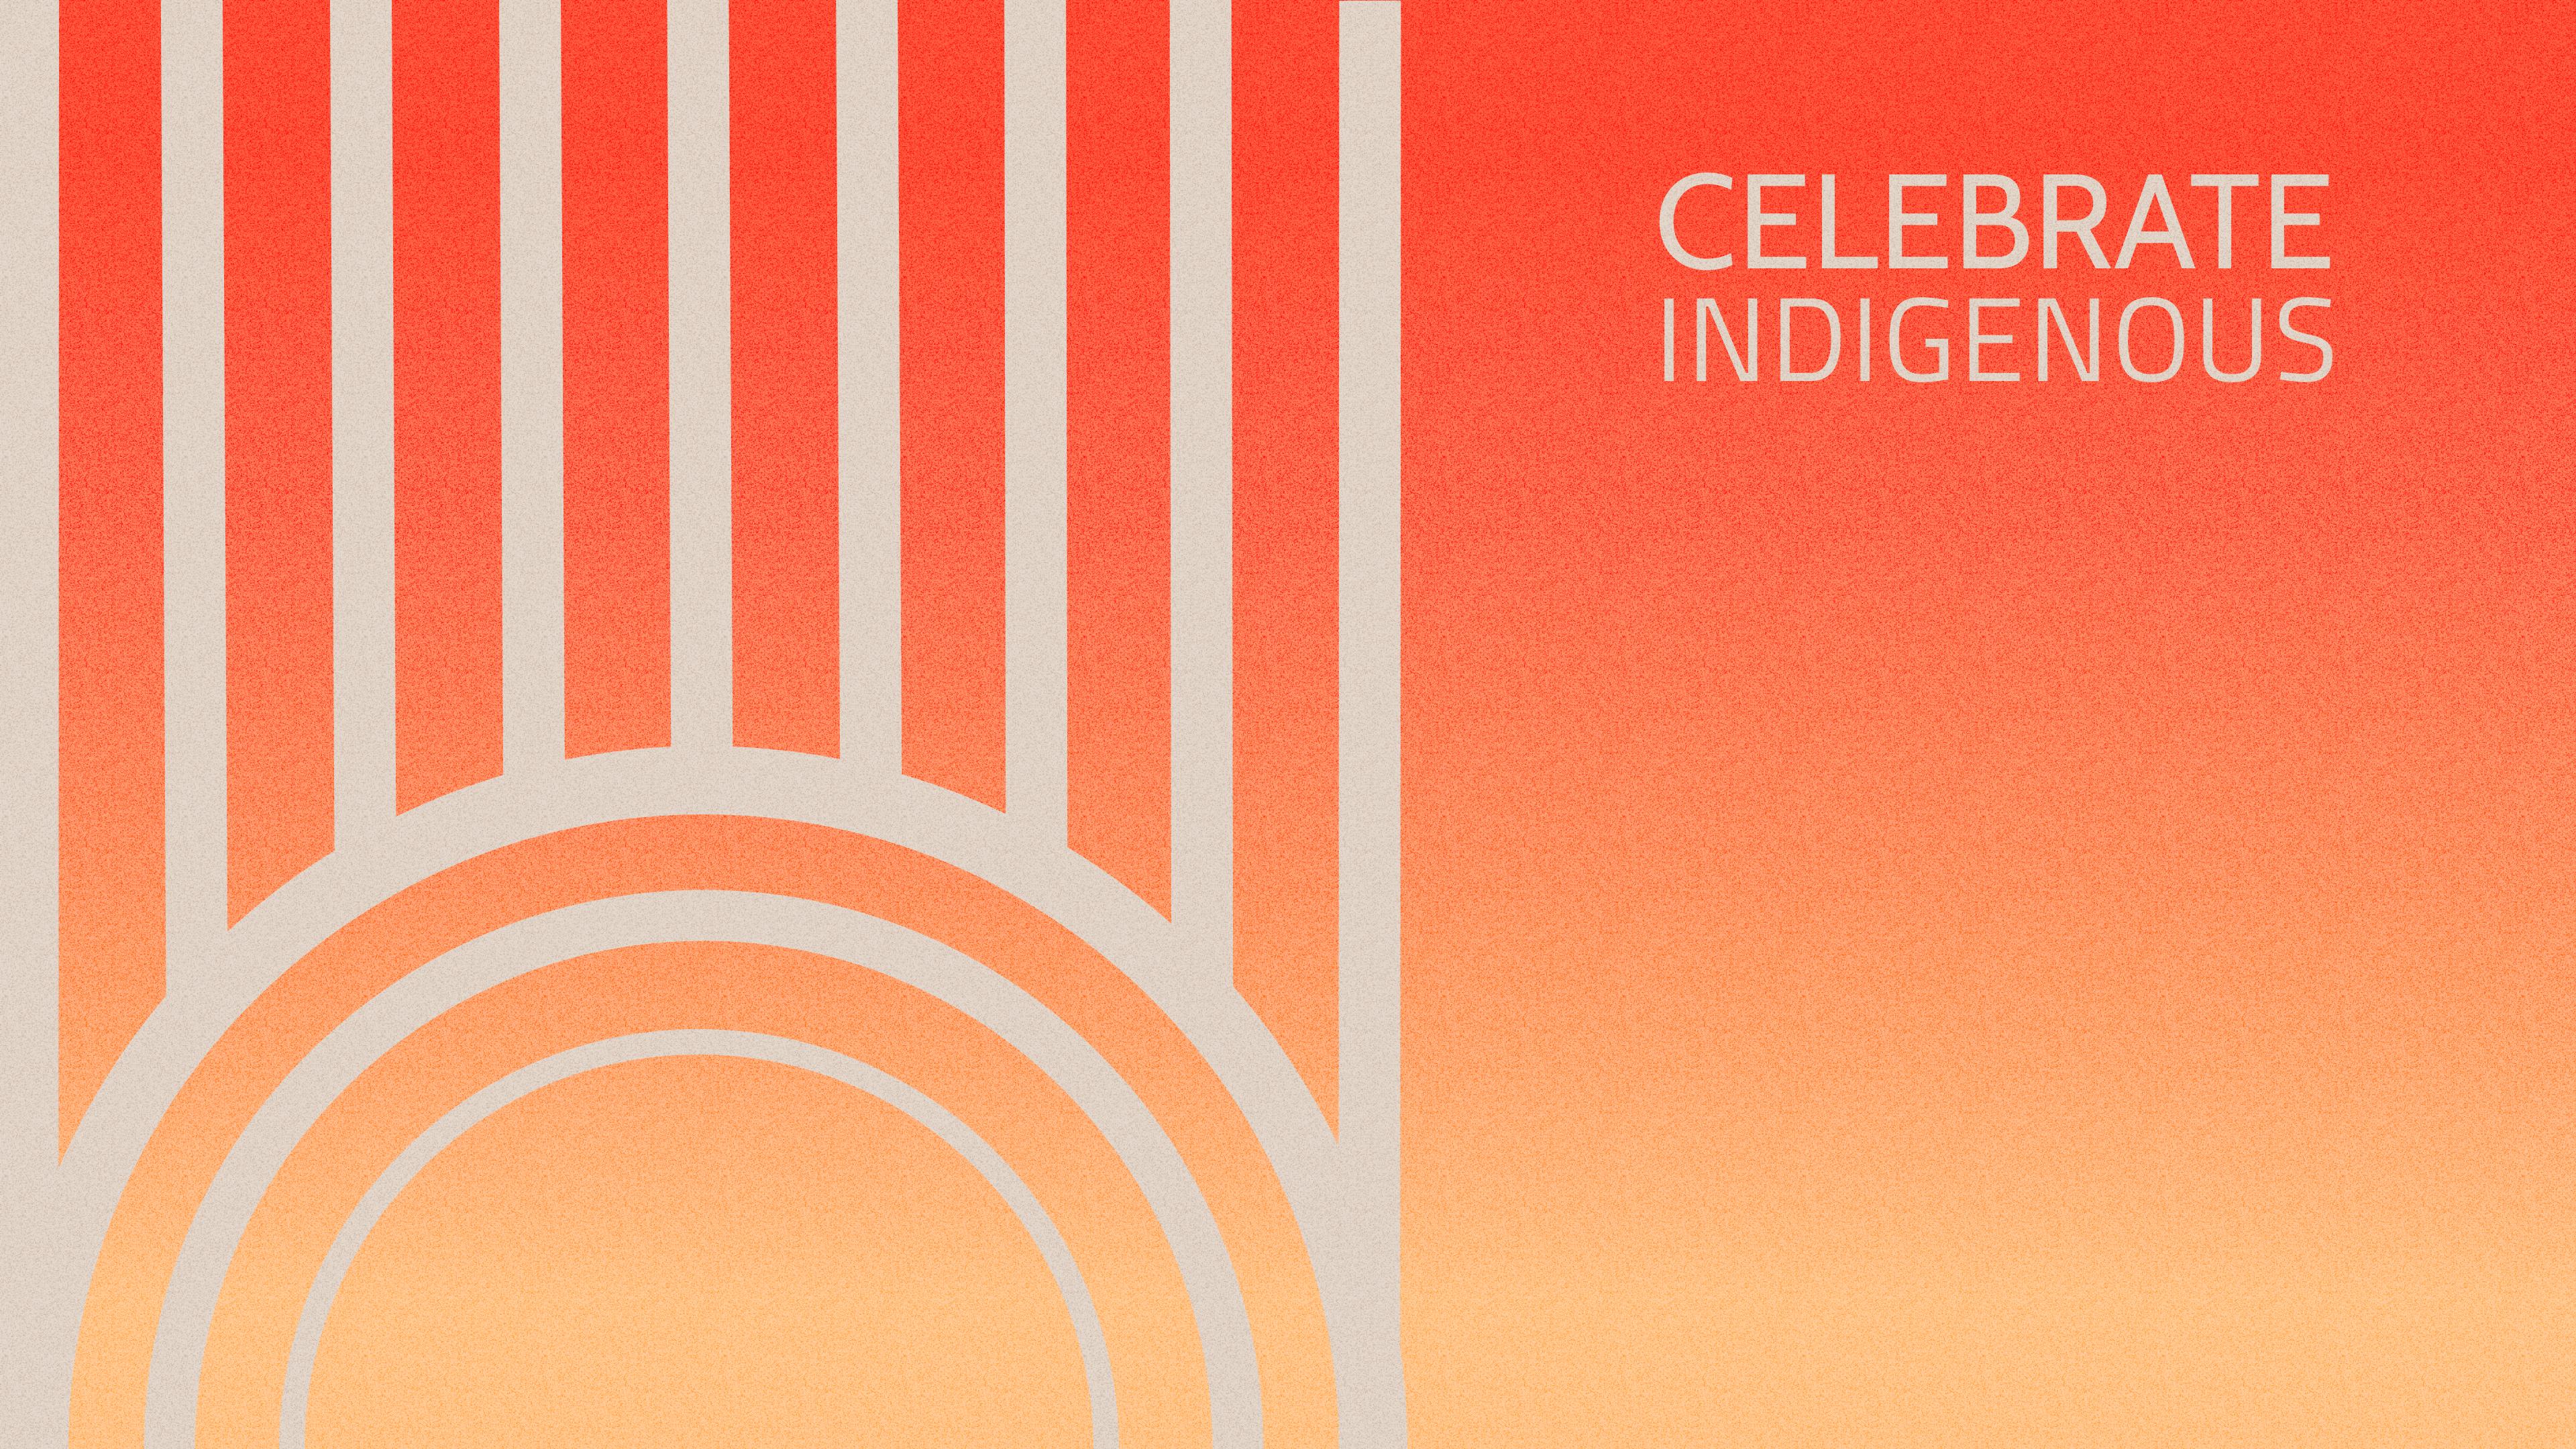 Celebrate Indigenous